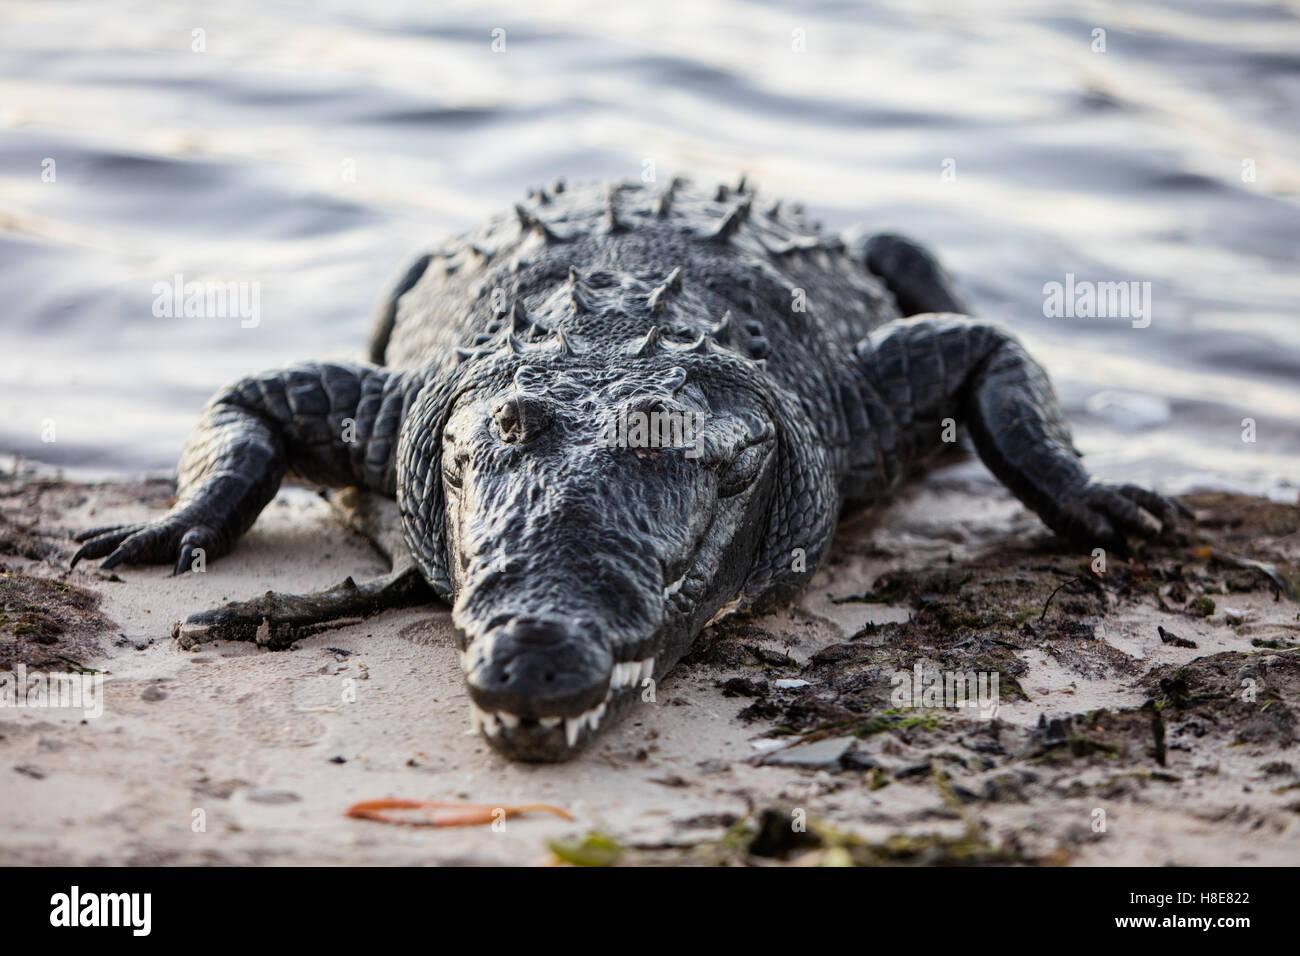 Una grande e potenzialmente pericoloso coccodrillo americano striscia fuori di una laguna poco profonda al largo Immagini Stock